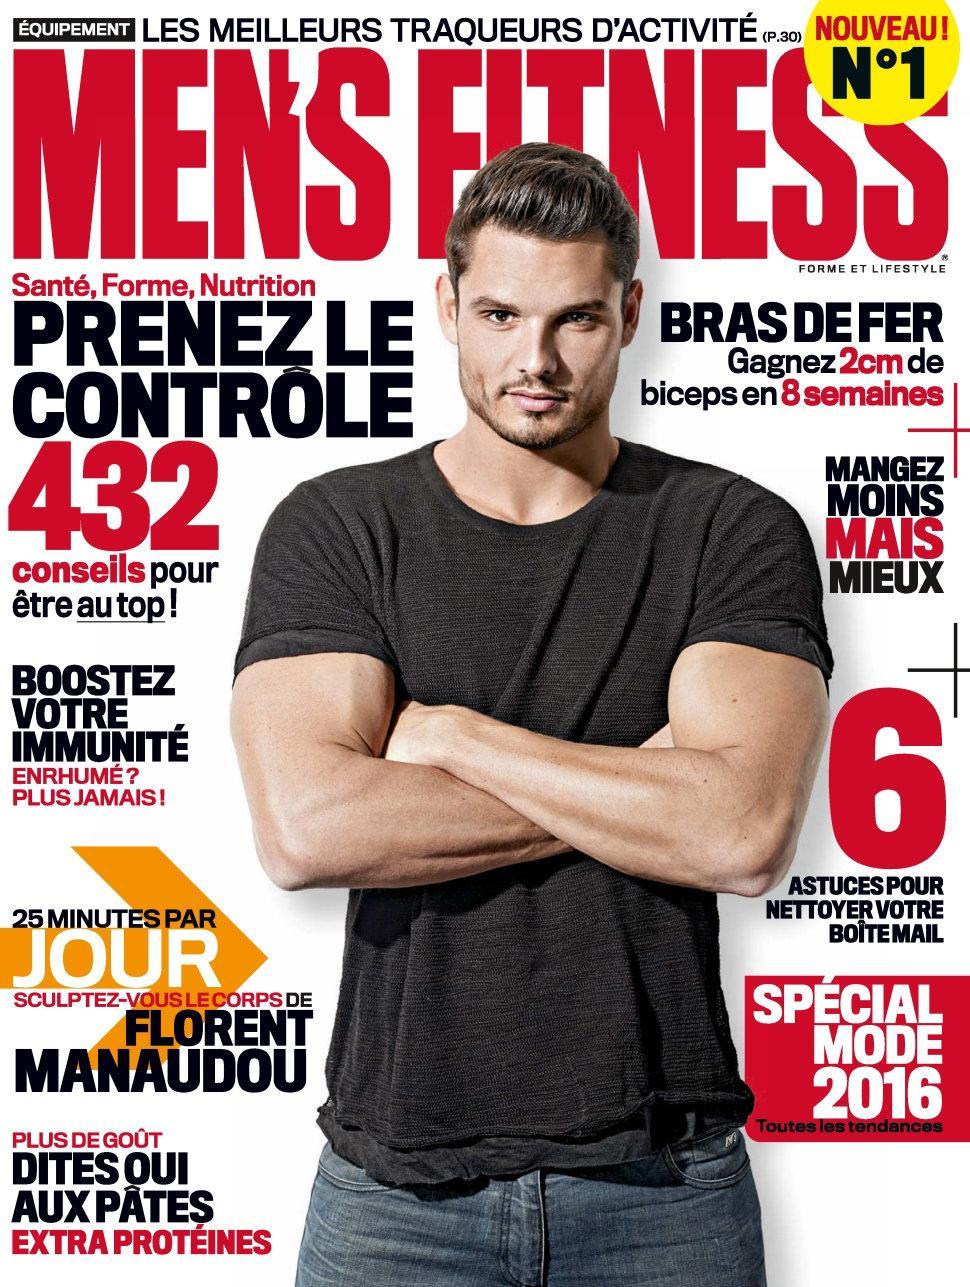 Men's Fitness N°1 – Mars 2016